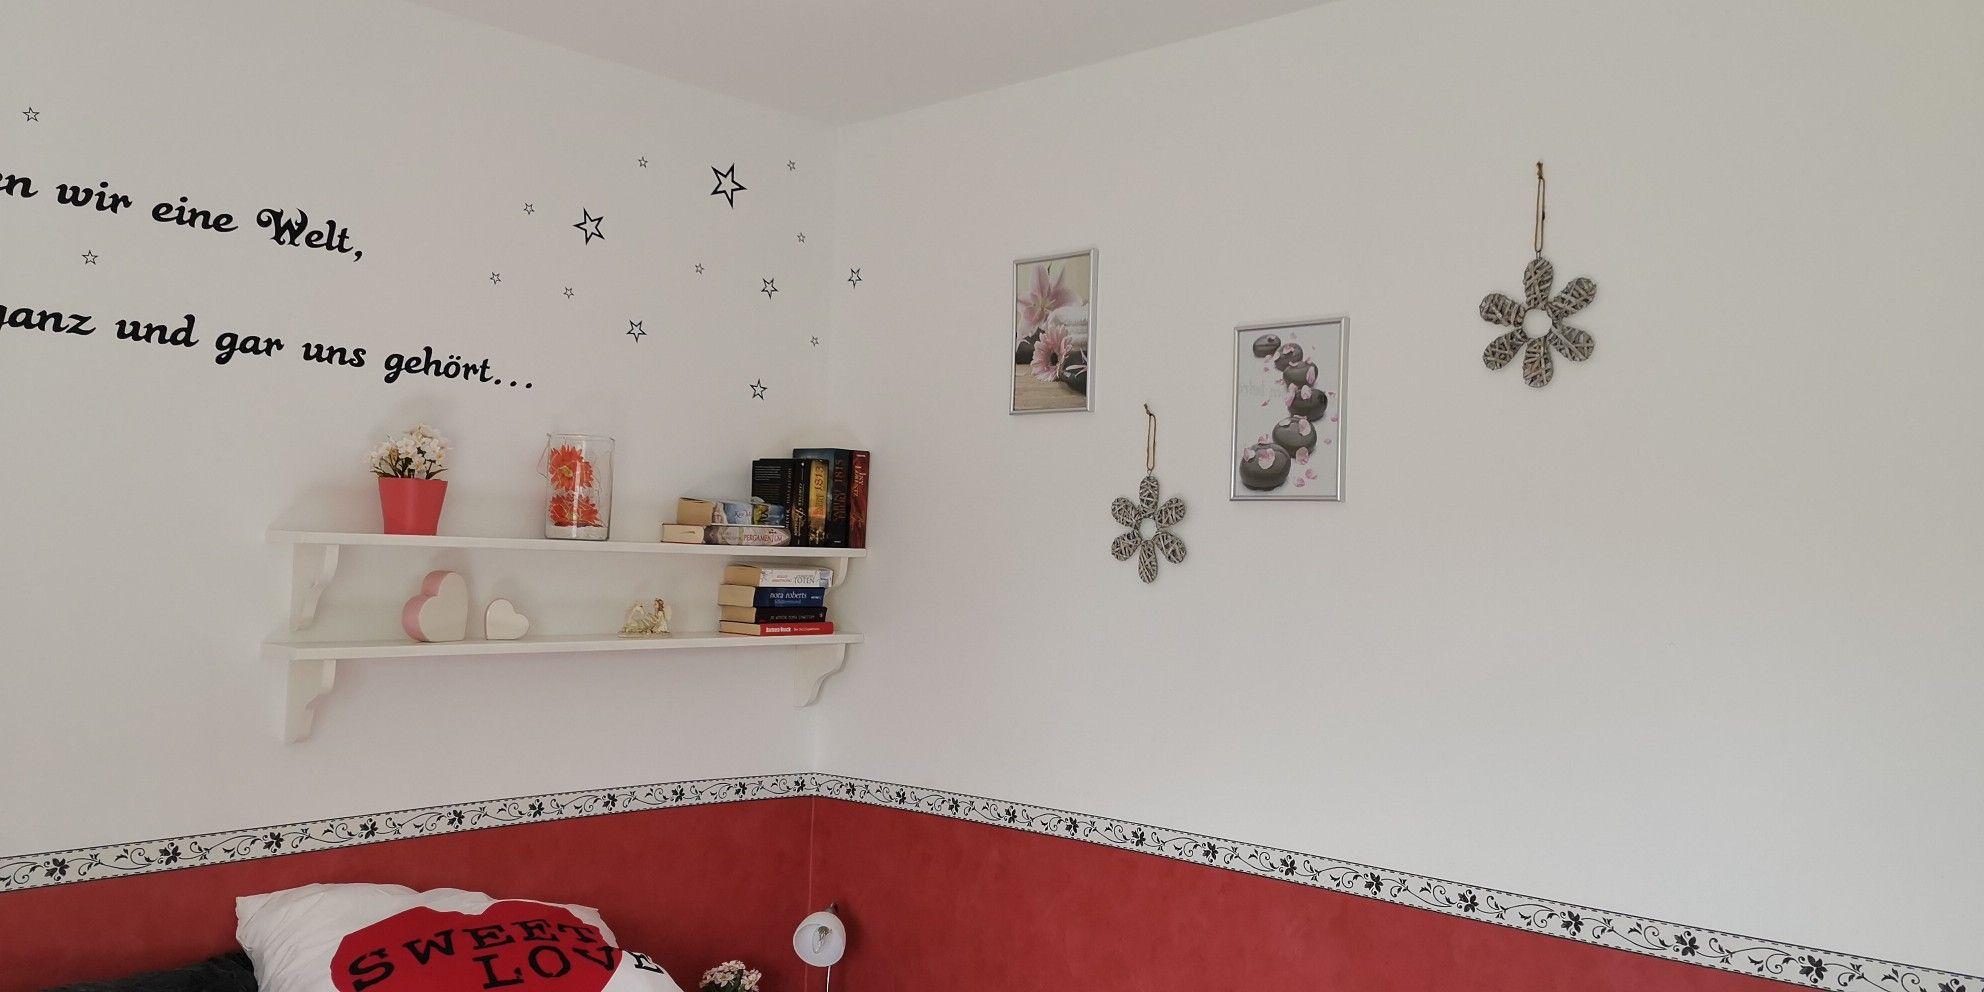 Altes Kieferregal In Weiss Gestrichen Deko Von Poco Domane Hausrenovierung Renovierung Deko